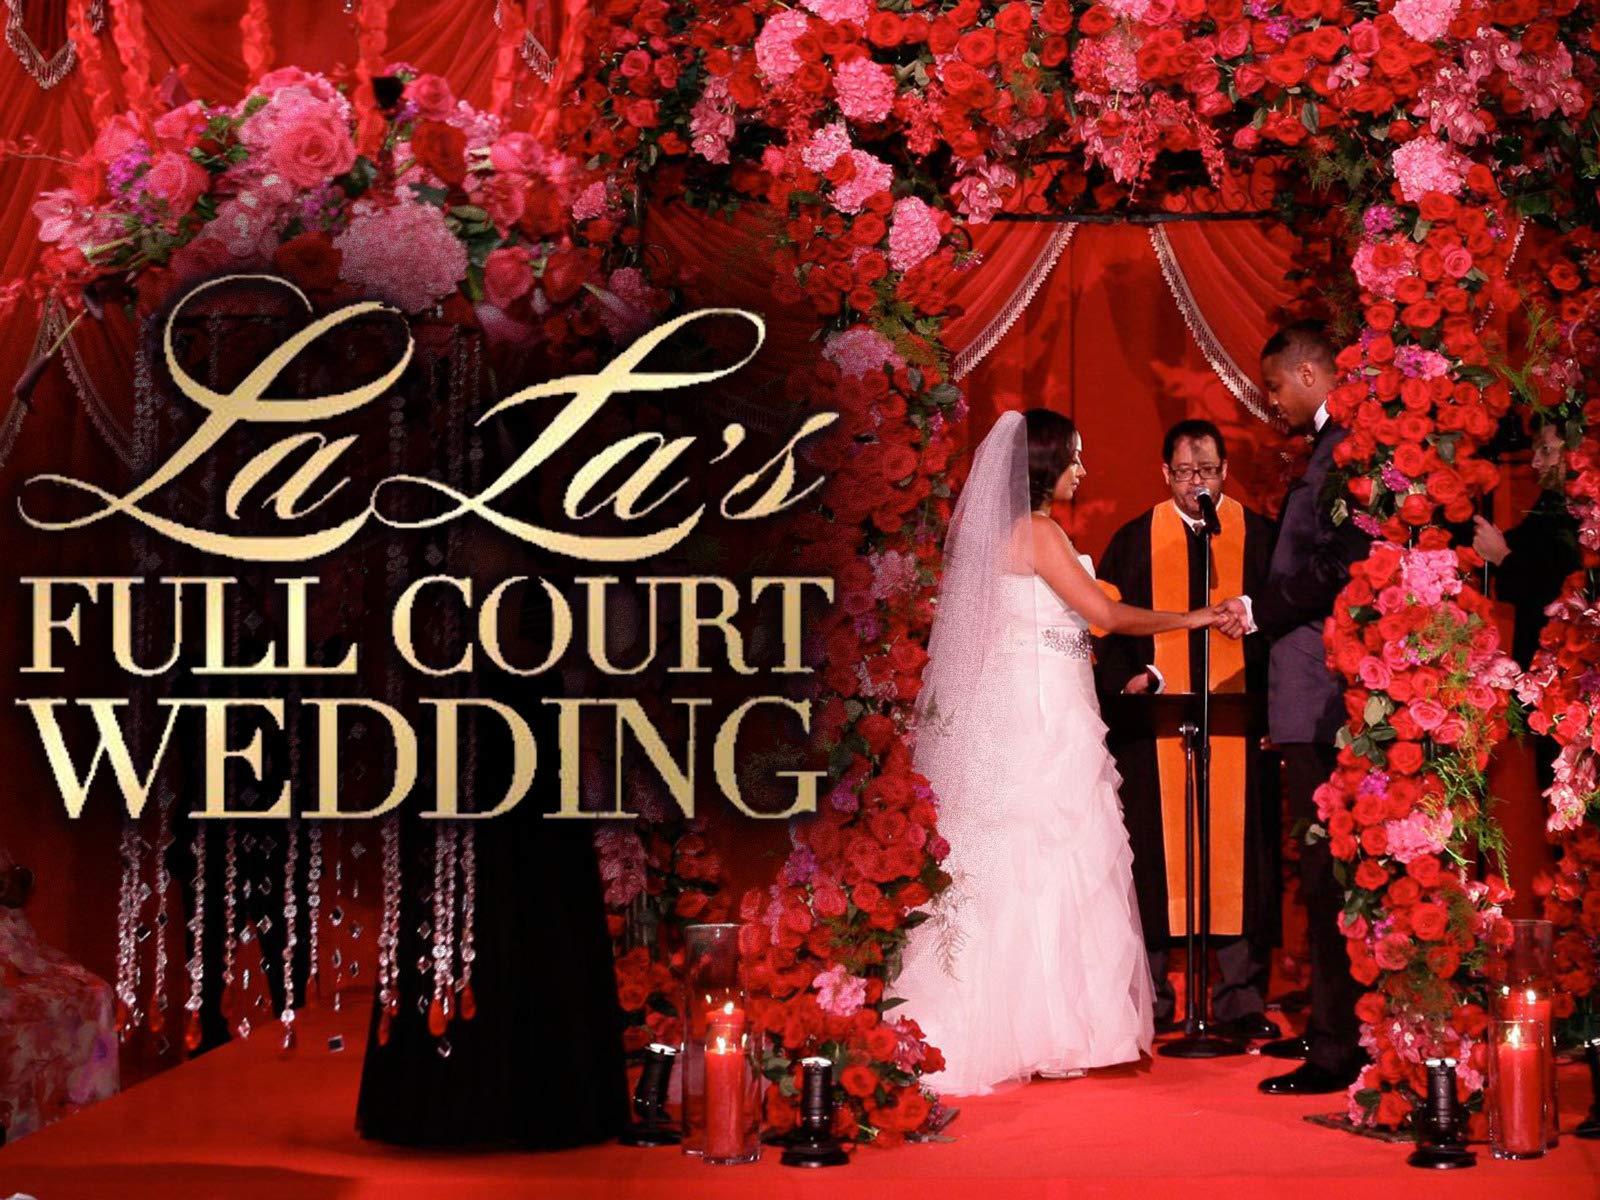 La La's Full Court Wedding - Season 1